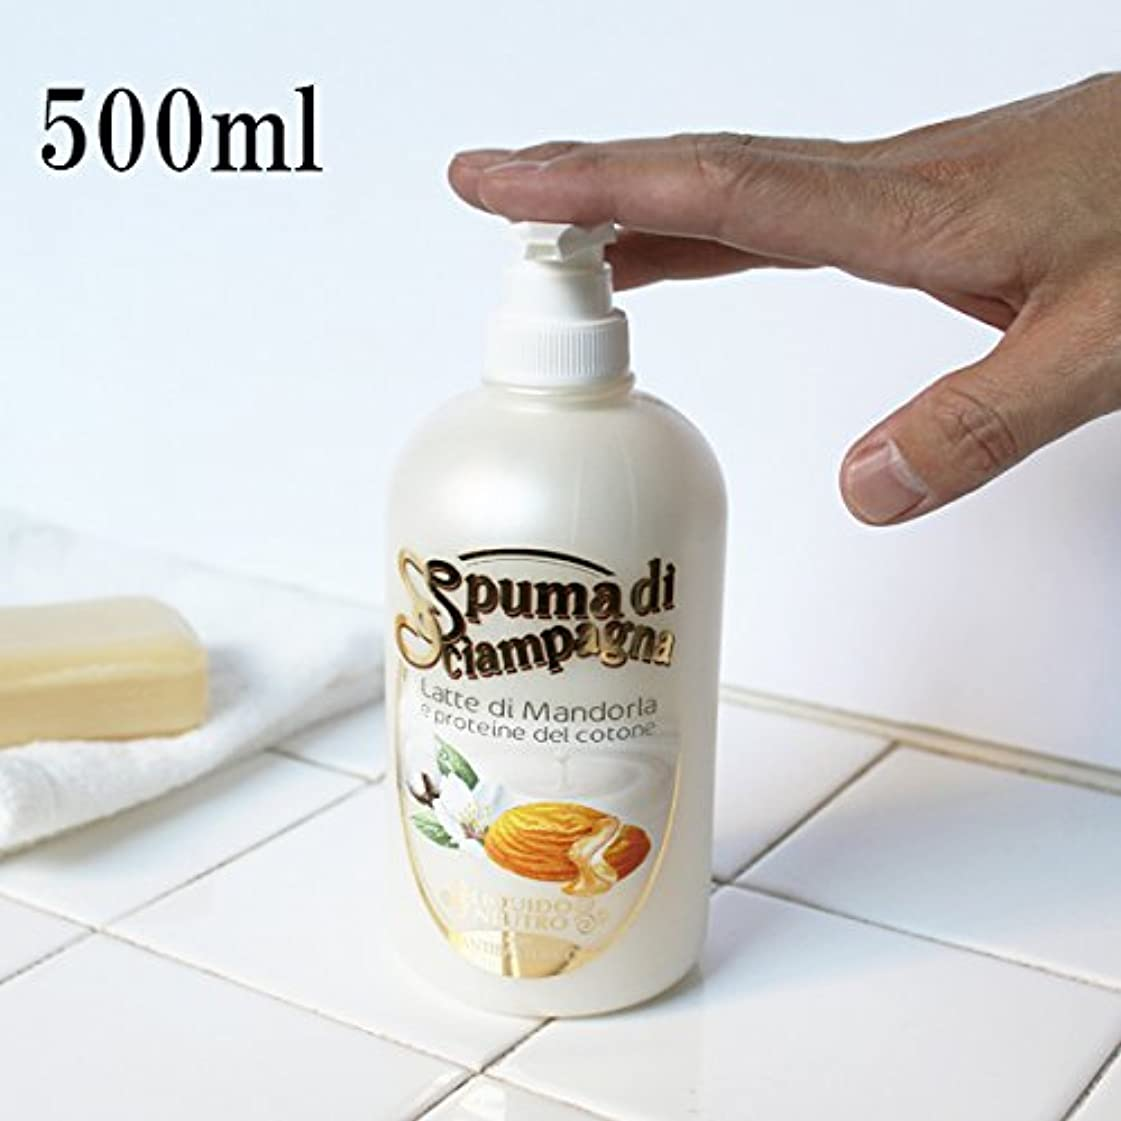 明快垂直ブリッジSpuma di Sciampagna (スプーマ ディ シャンパーニャ) リキッドソープ 500ml アーモンドの香り